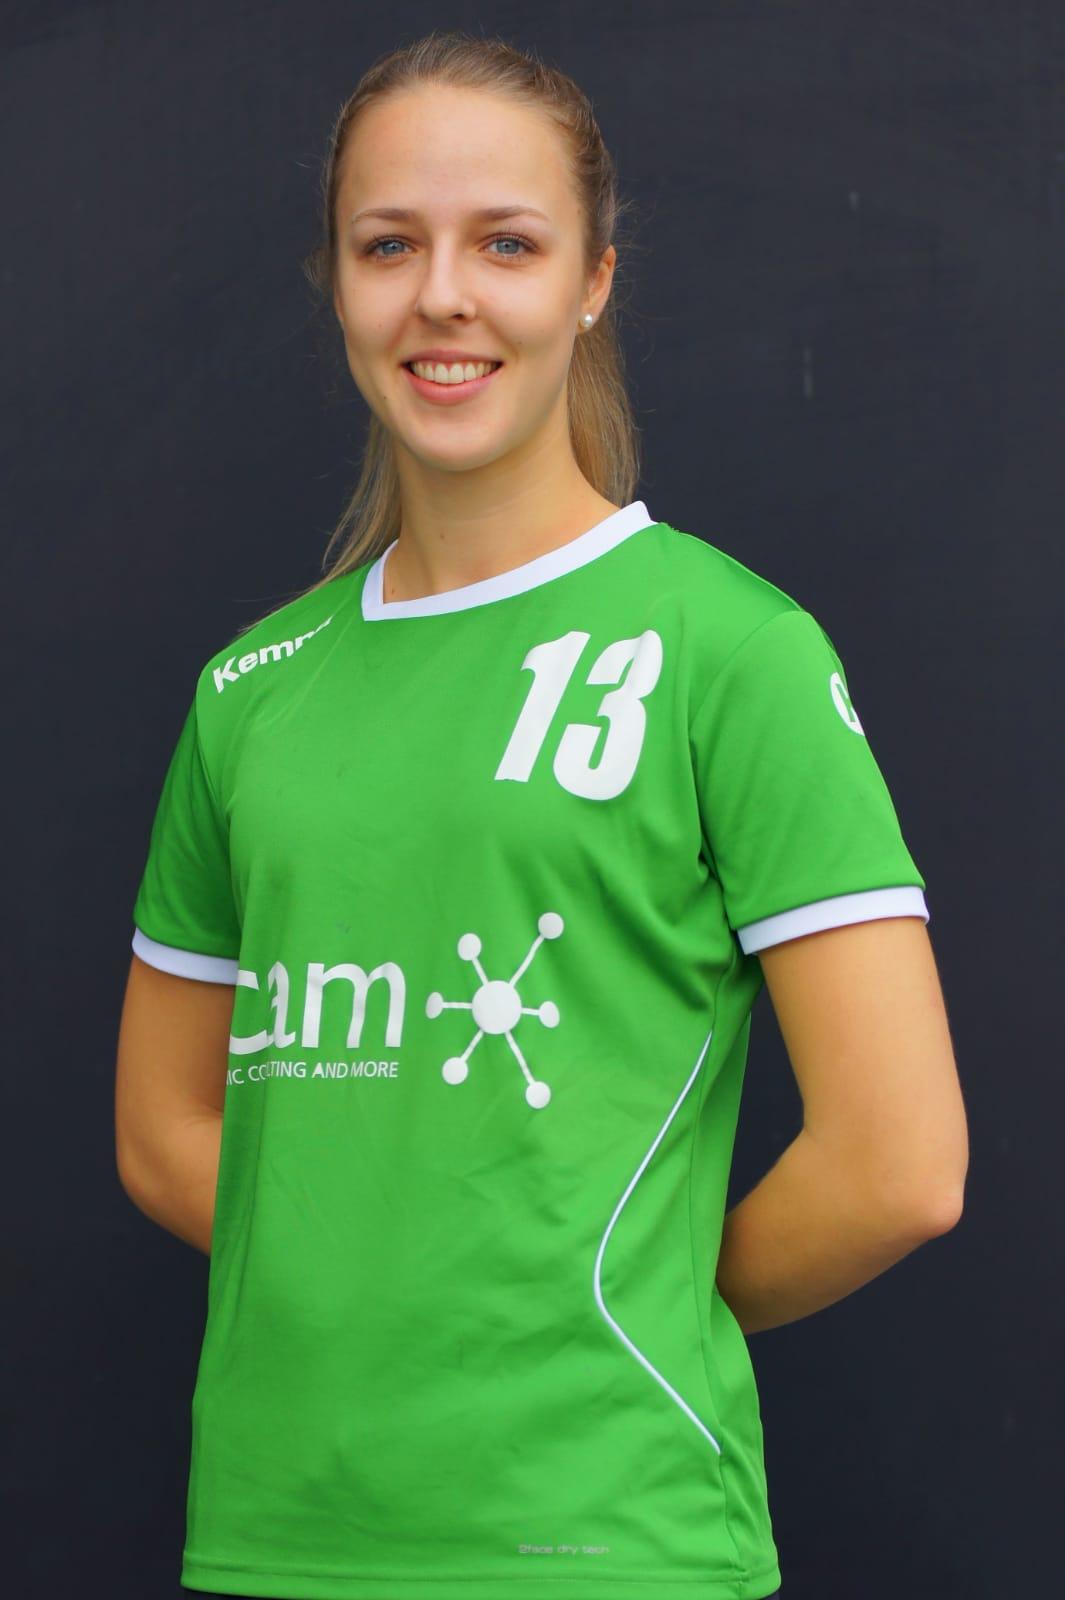 #13 Melanie Lander